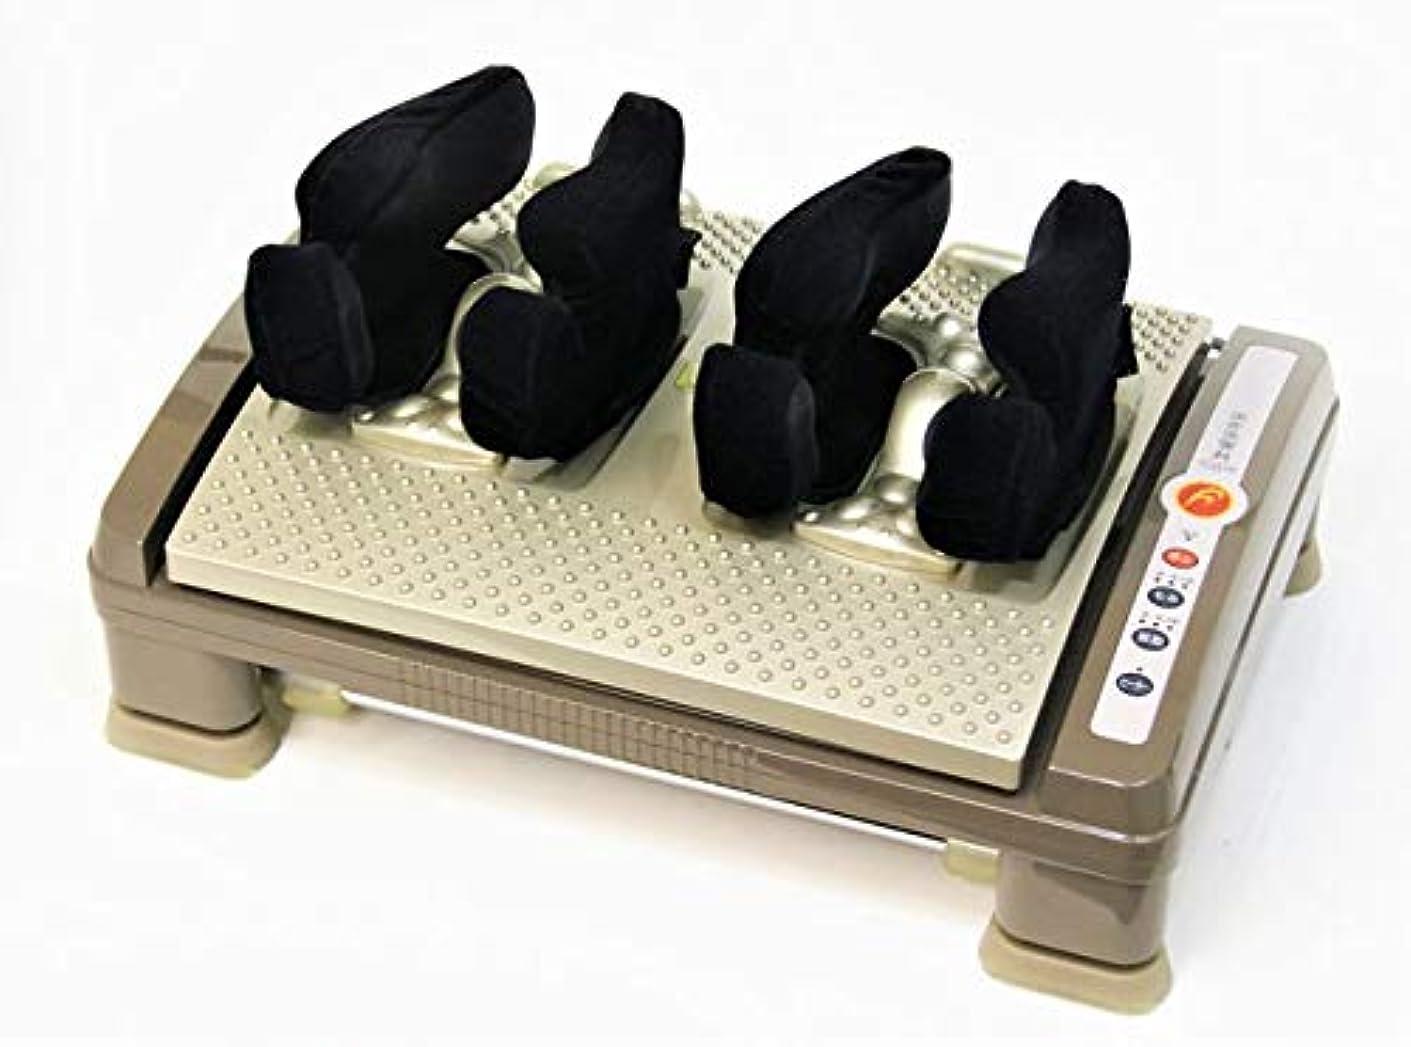 軽食関係する修正フランス総合医療株式会社 MF-5100 フットマッサージャー 『歩きま専科』 電気マッサージ器